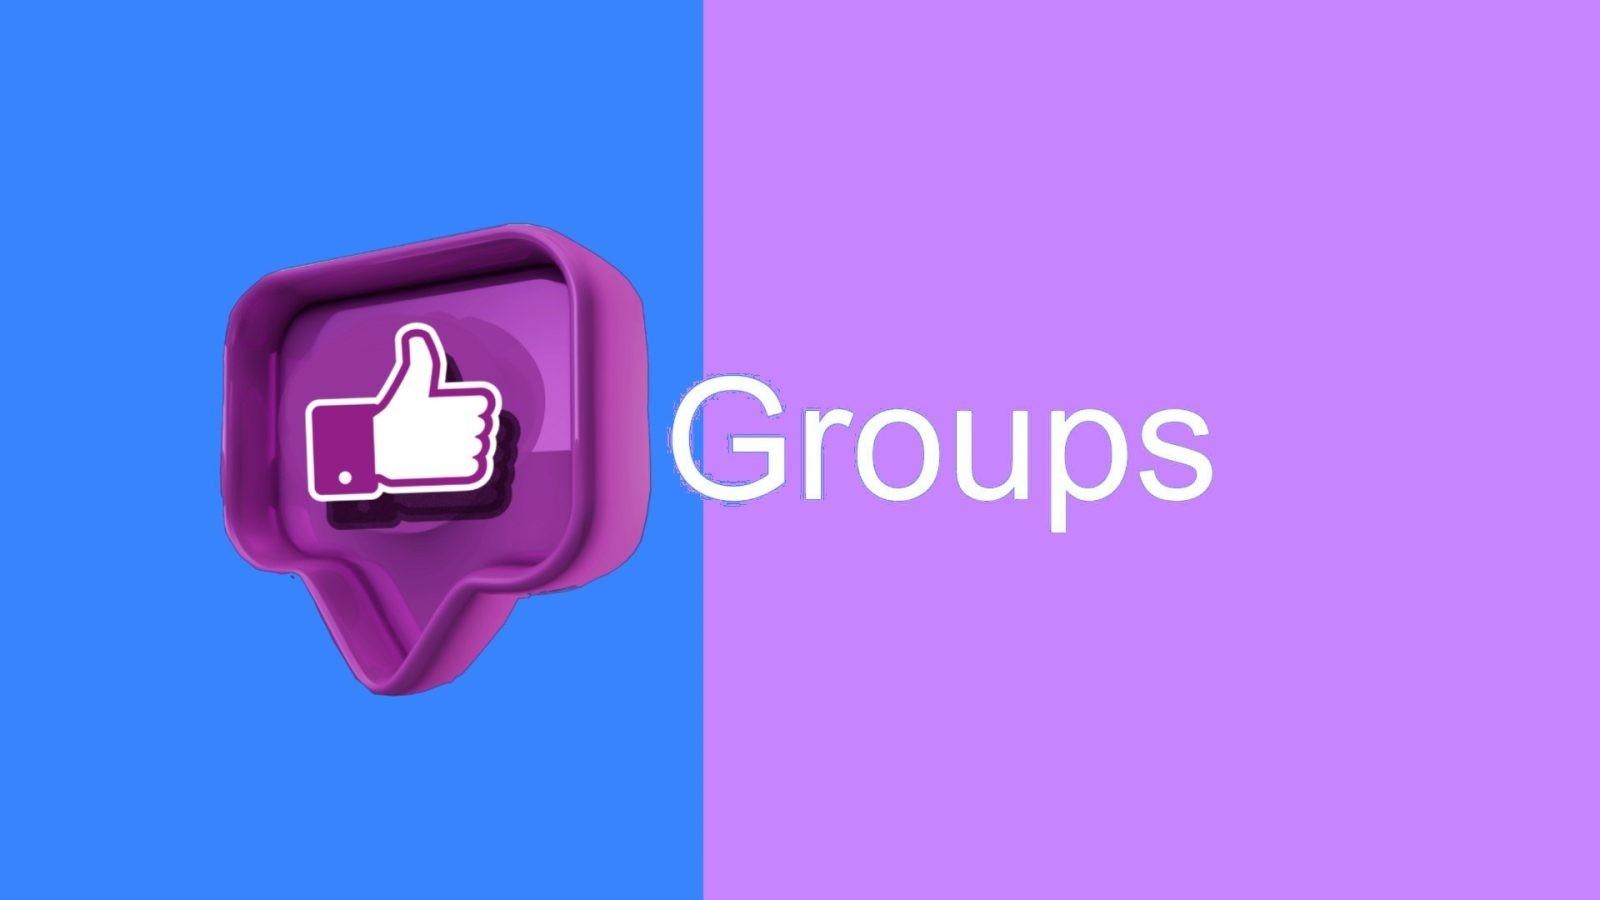 מדריך מהיר: איך פותחים קבוצה בפייסבוק ומקימים קהילה